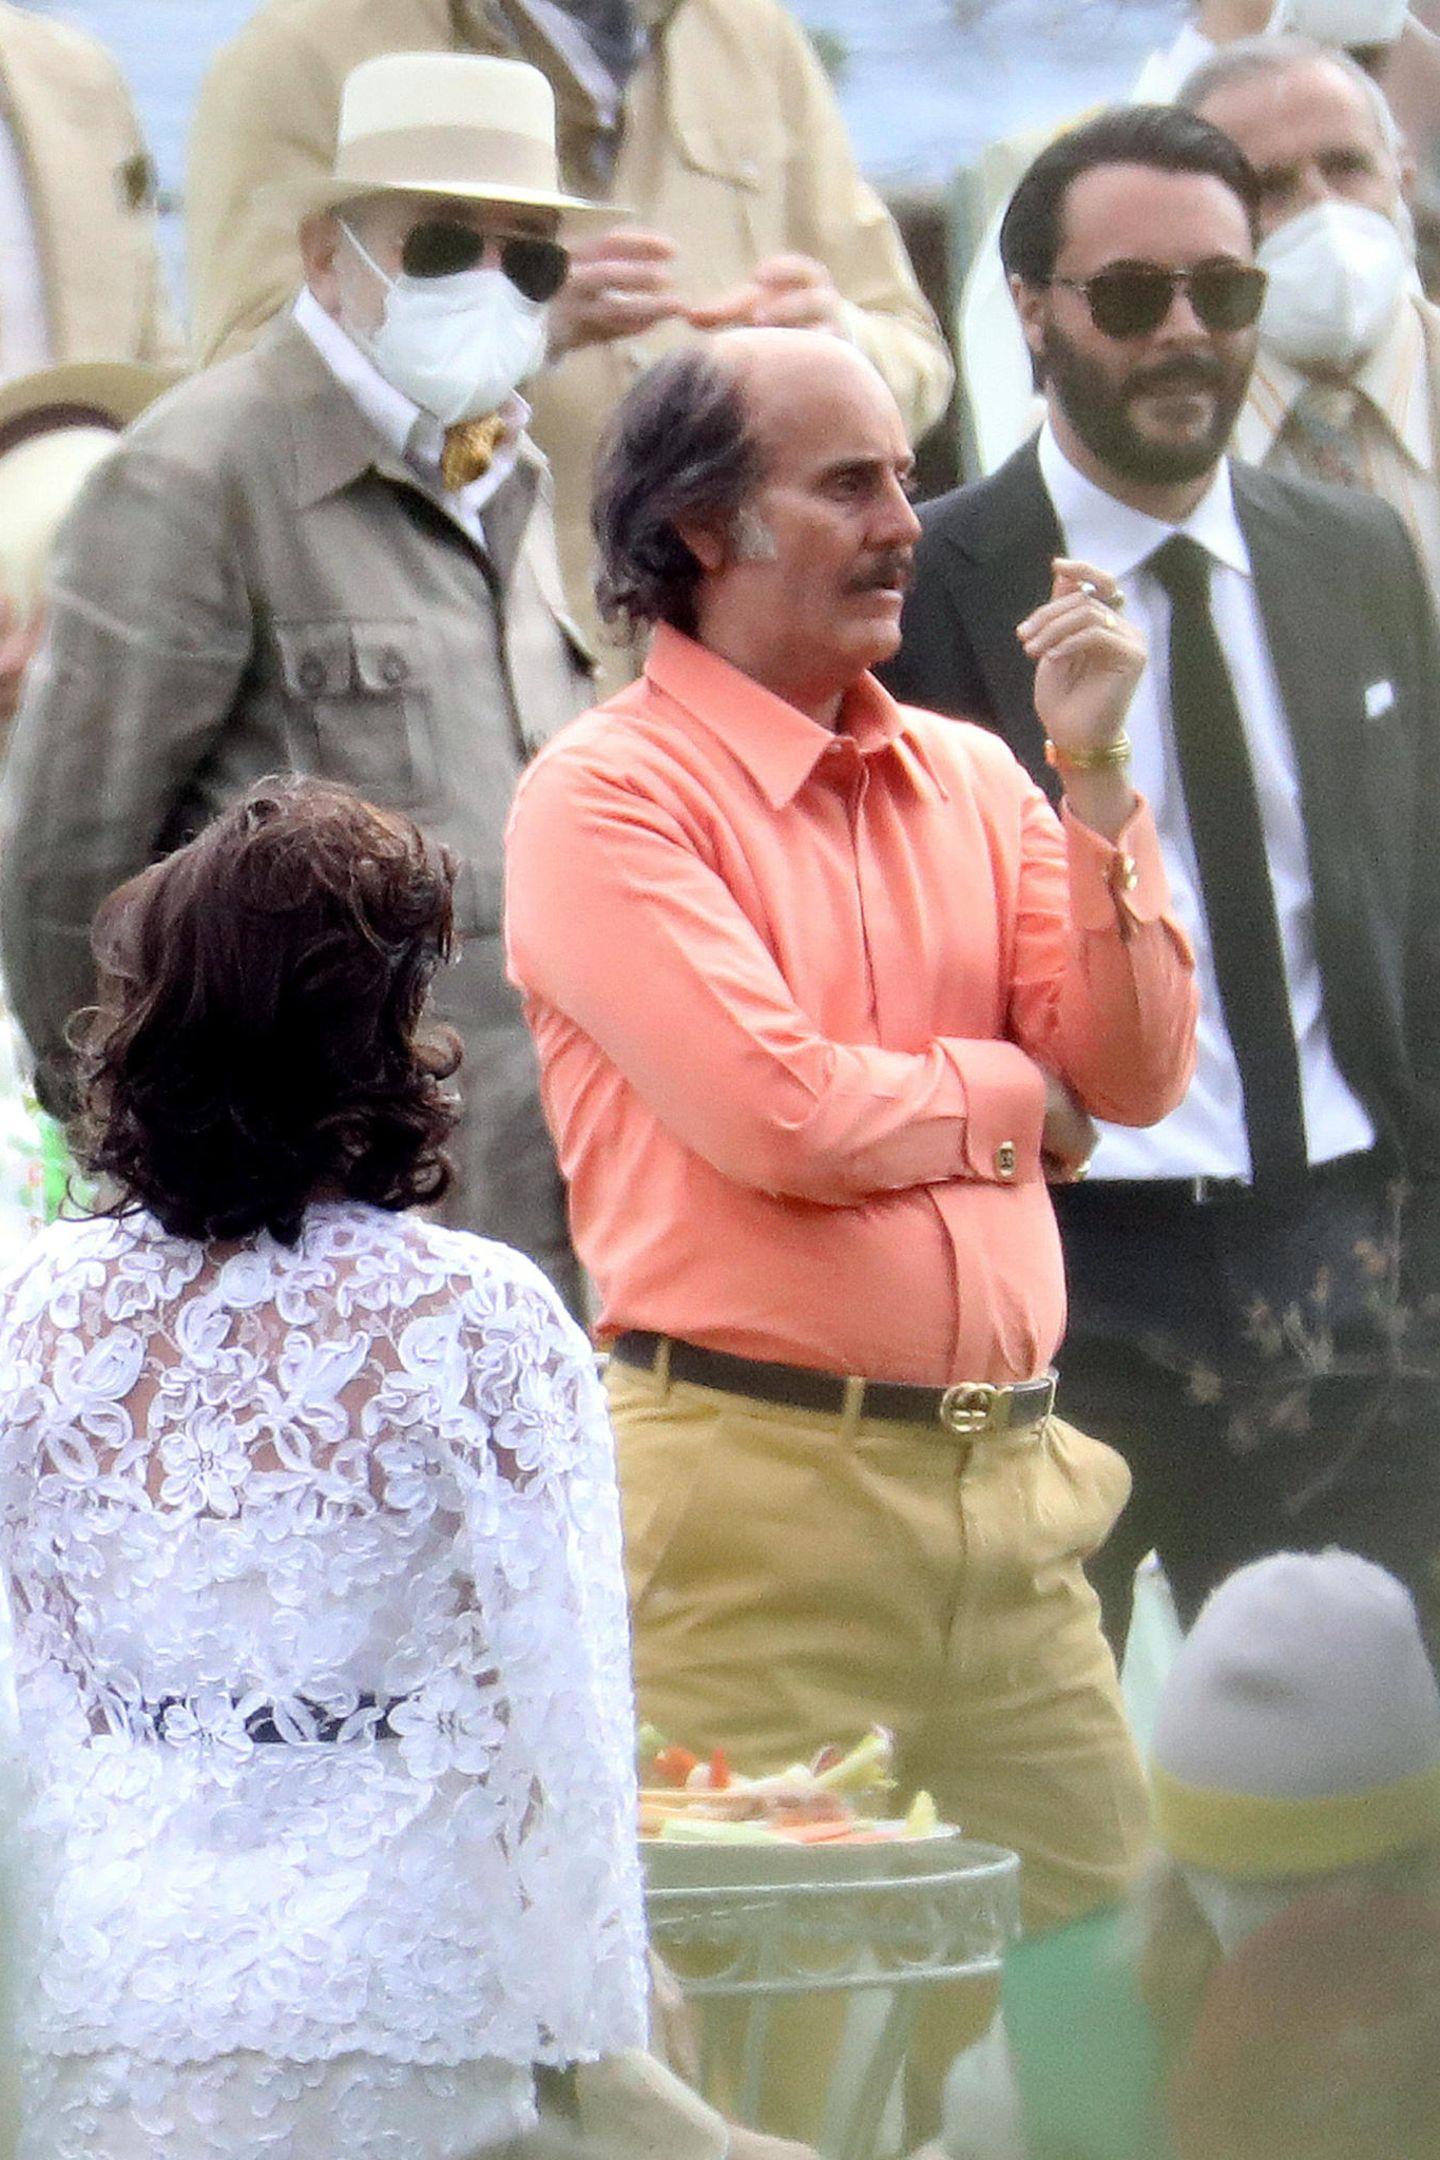 """Kaum wiederzuerkennen istJared Leto am Set von """"House of Gucci"""". Für seine Rolle im neuenFilm desRegisseurs Ridley Scotthat der Hollywood-Beau, der eigentlich für seine lange Mähne bekannt ist, ordentlich Haare gelassen. Aber keine Sorge, dafür bedarf es keiner Schere, sondern dem Handwerk talentierter MaskenbildnerInnen."""